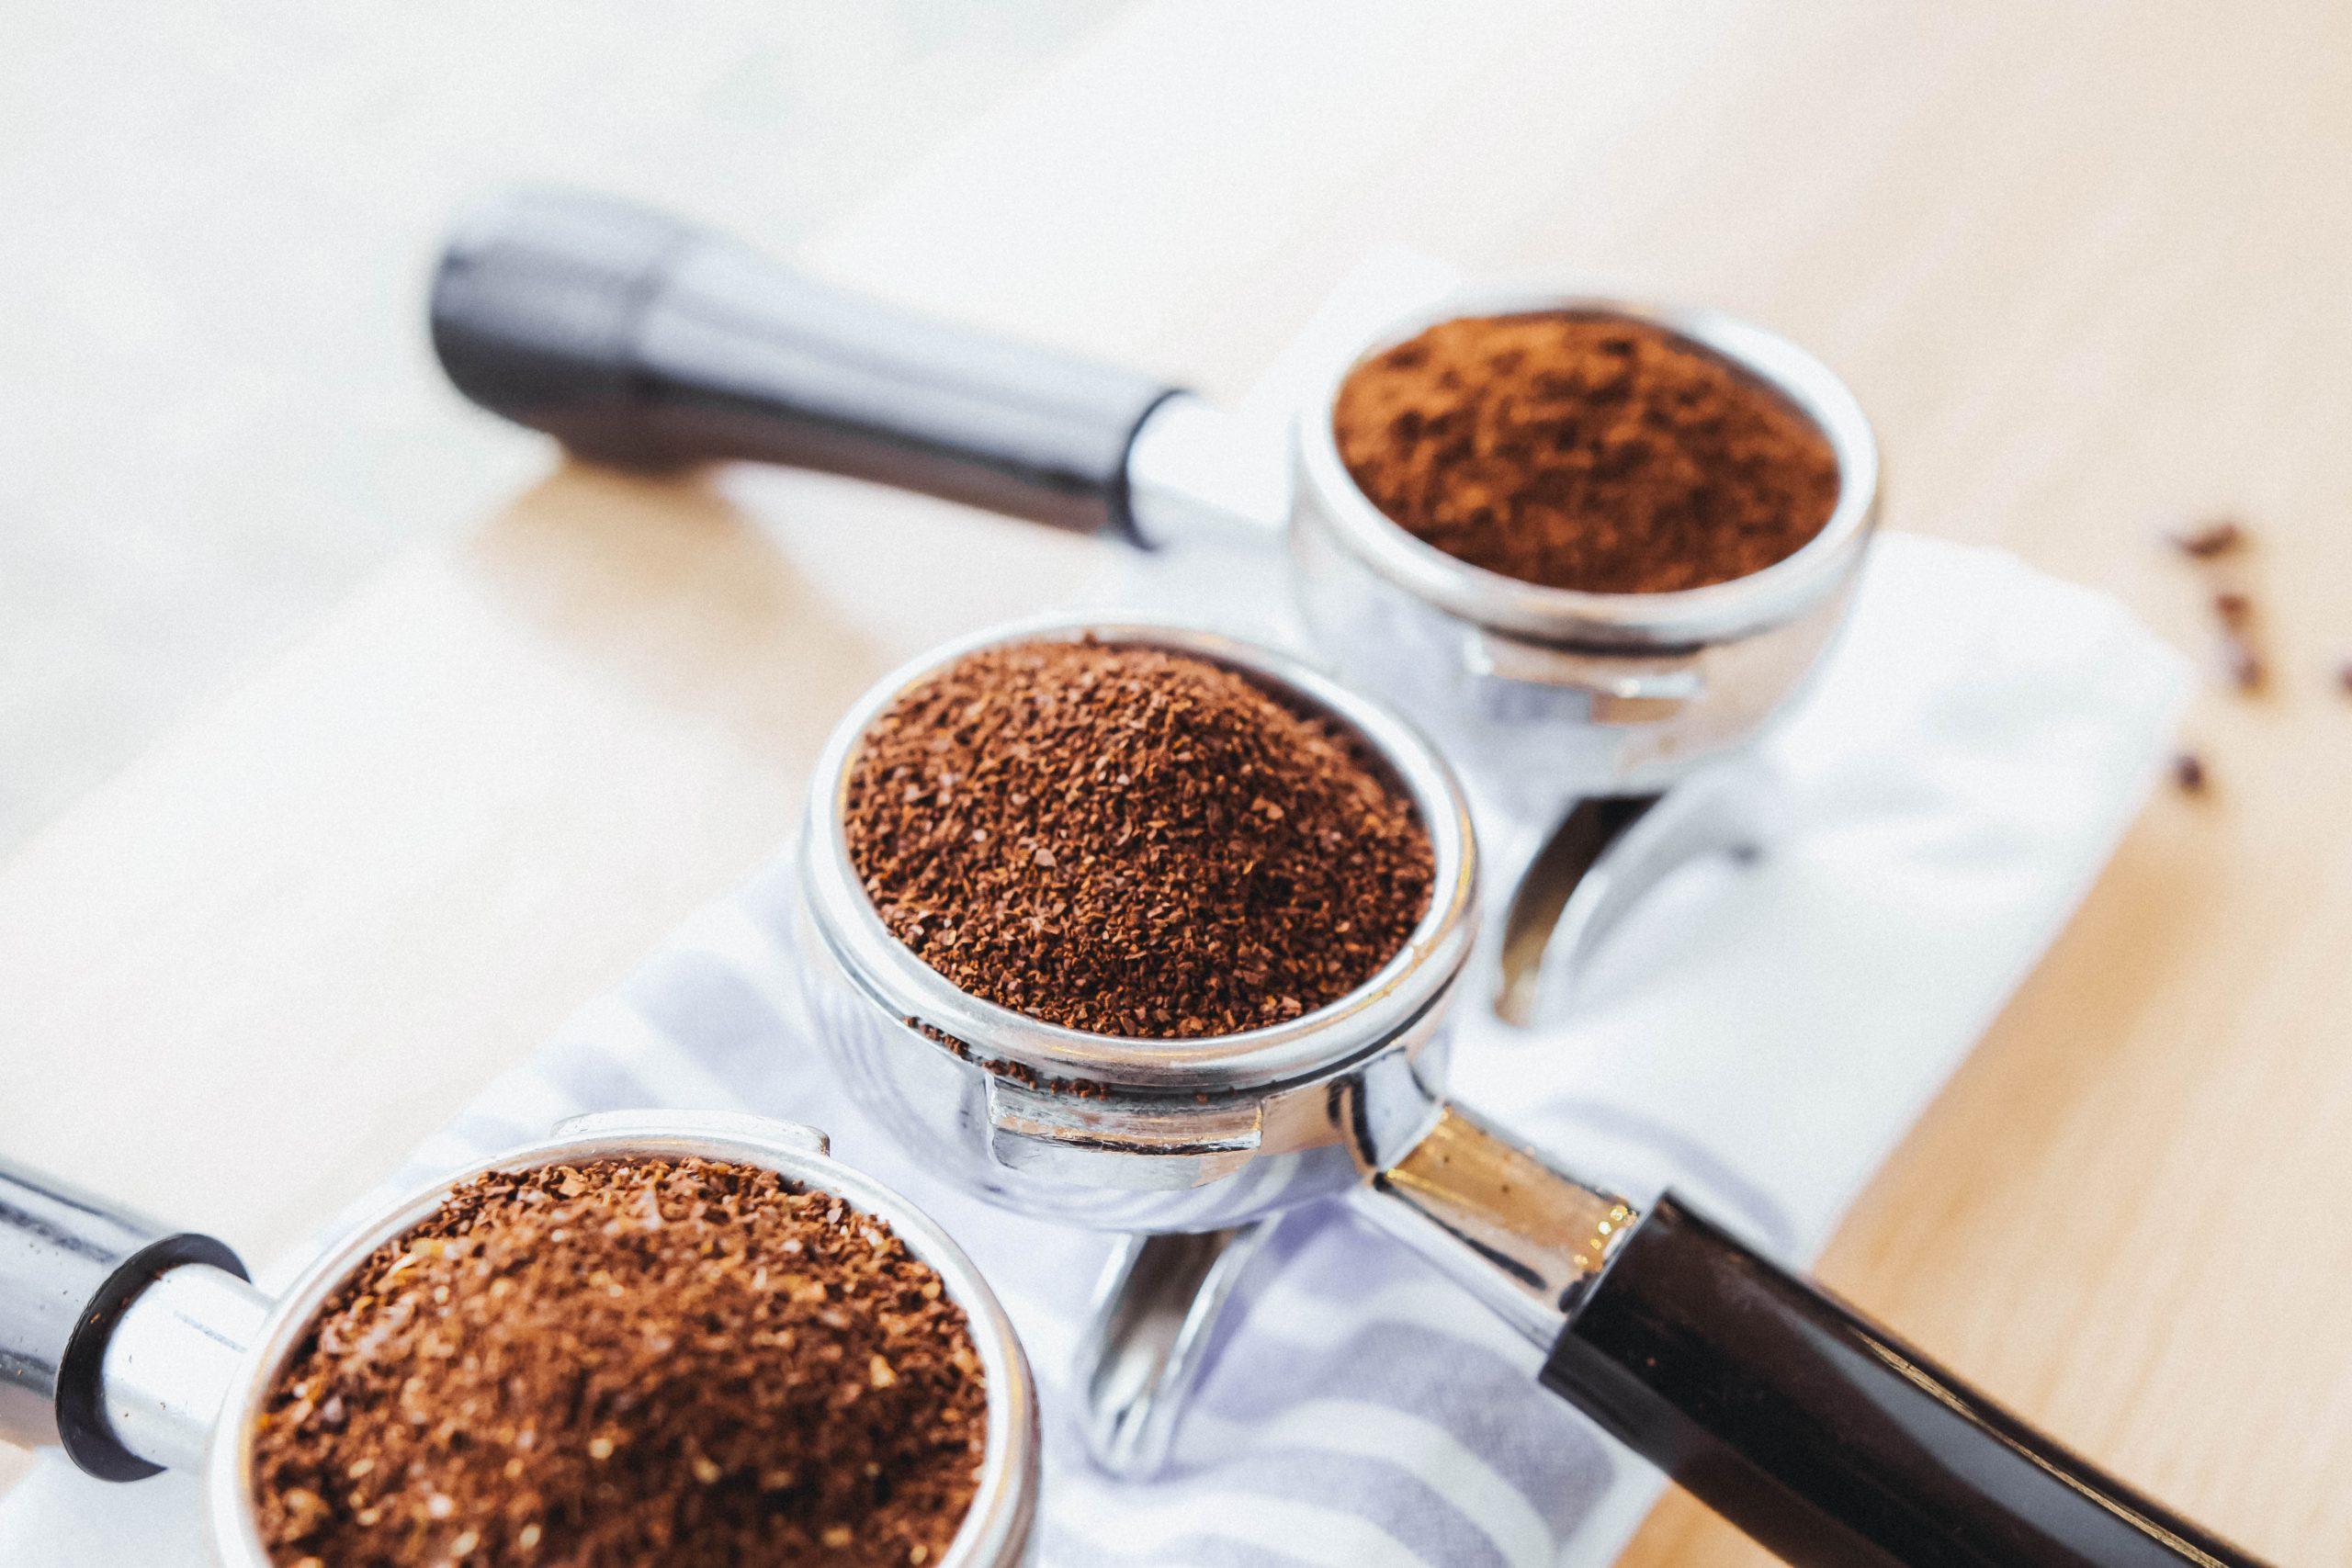 Choisir la bonne mouture de café pour sa machine